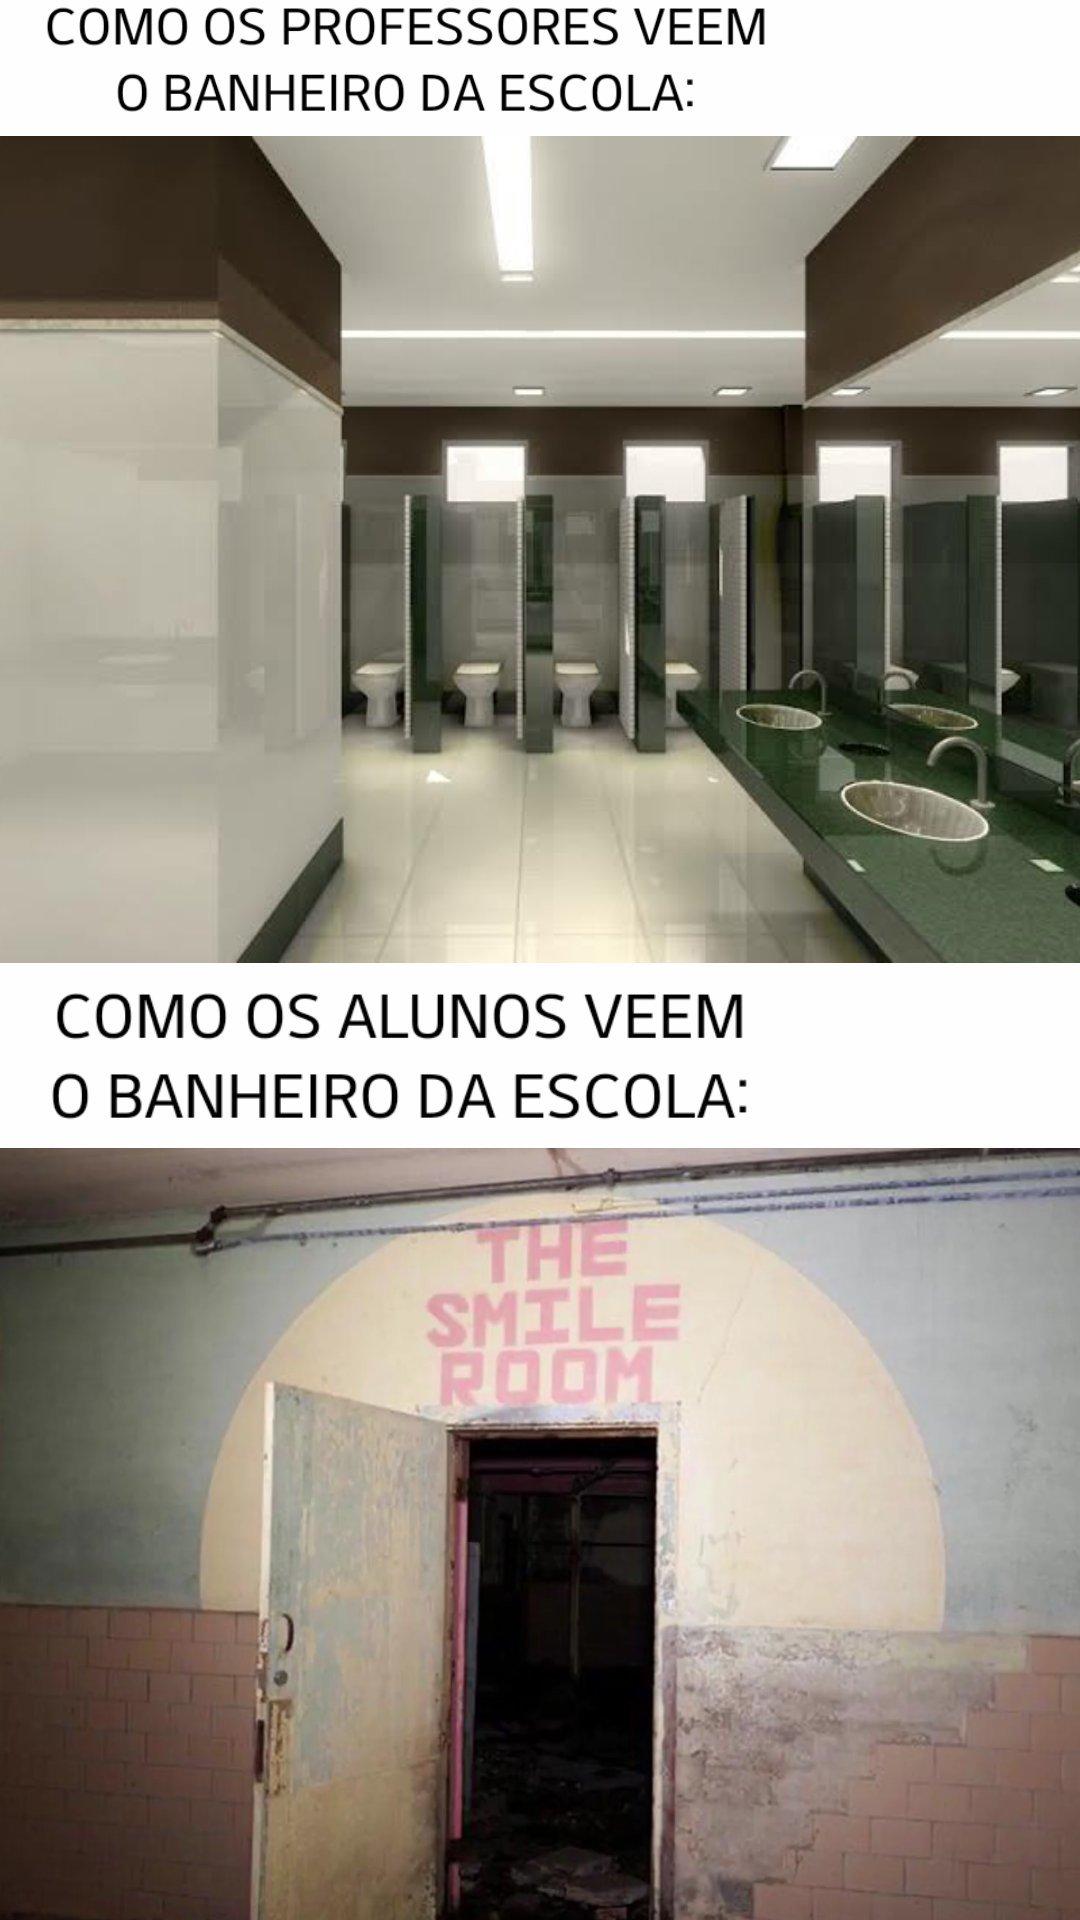 as vezes eu achava q tinha o demonio no banheiro - meme